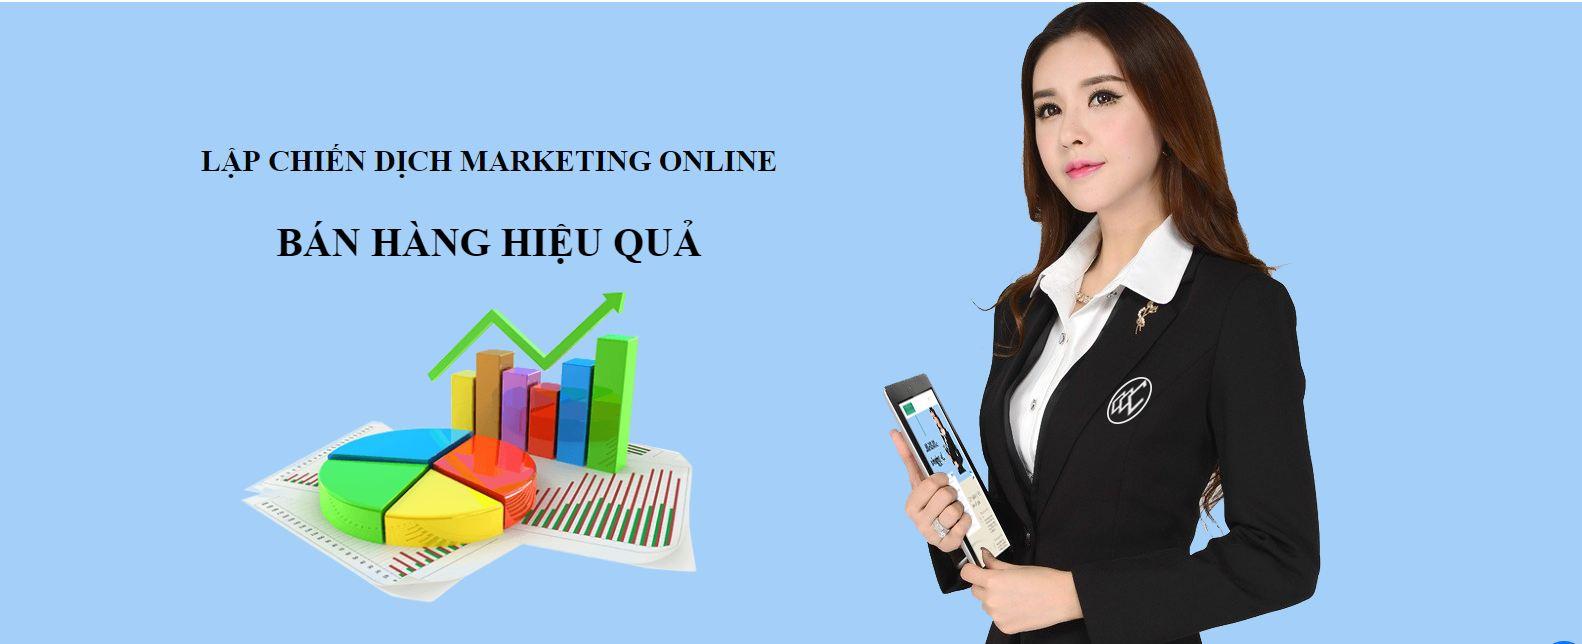 Giải Pháp Marketing<br>Dành cho Doanh Nghiệp SME Việt Nam